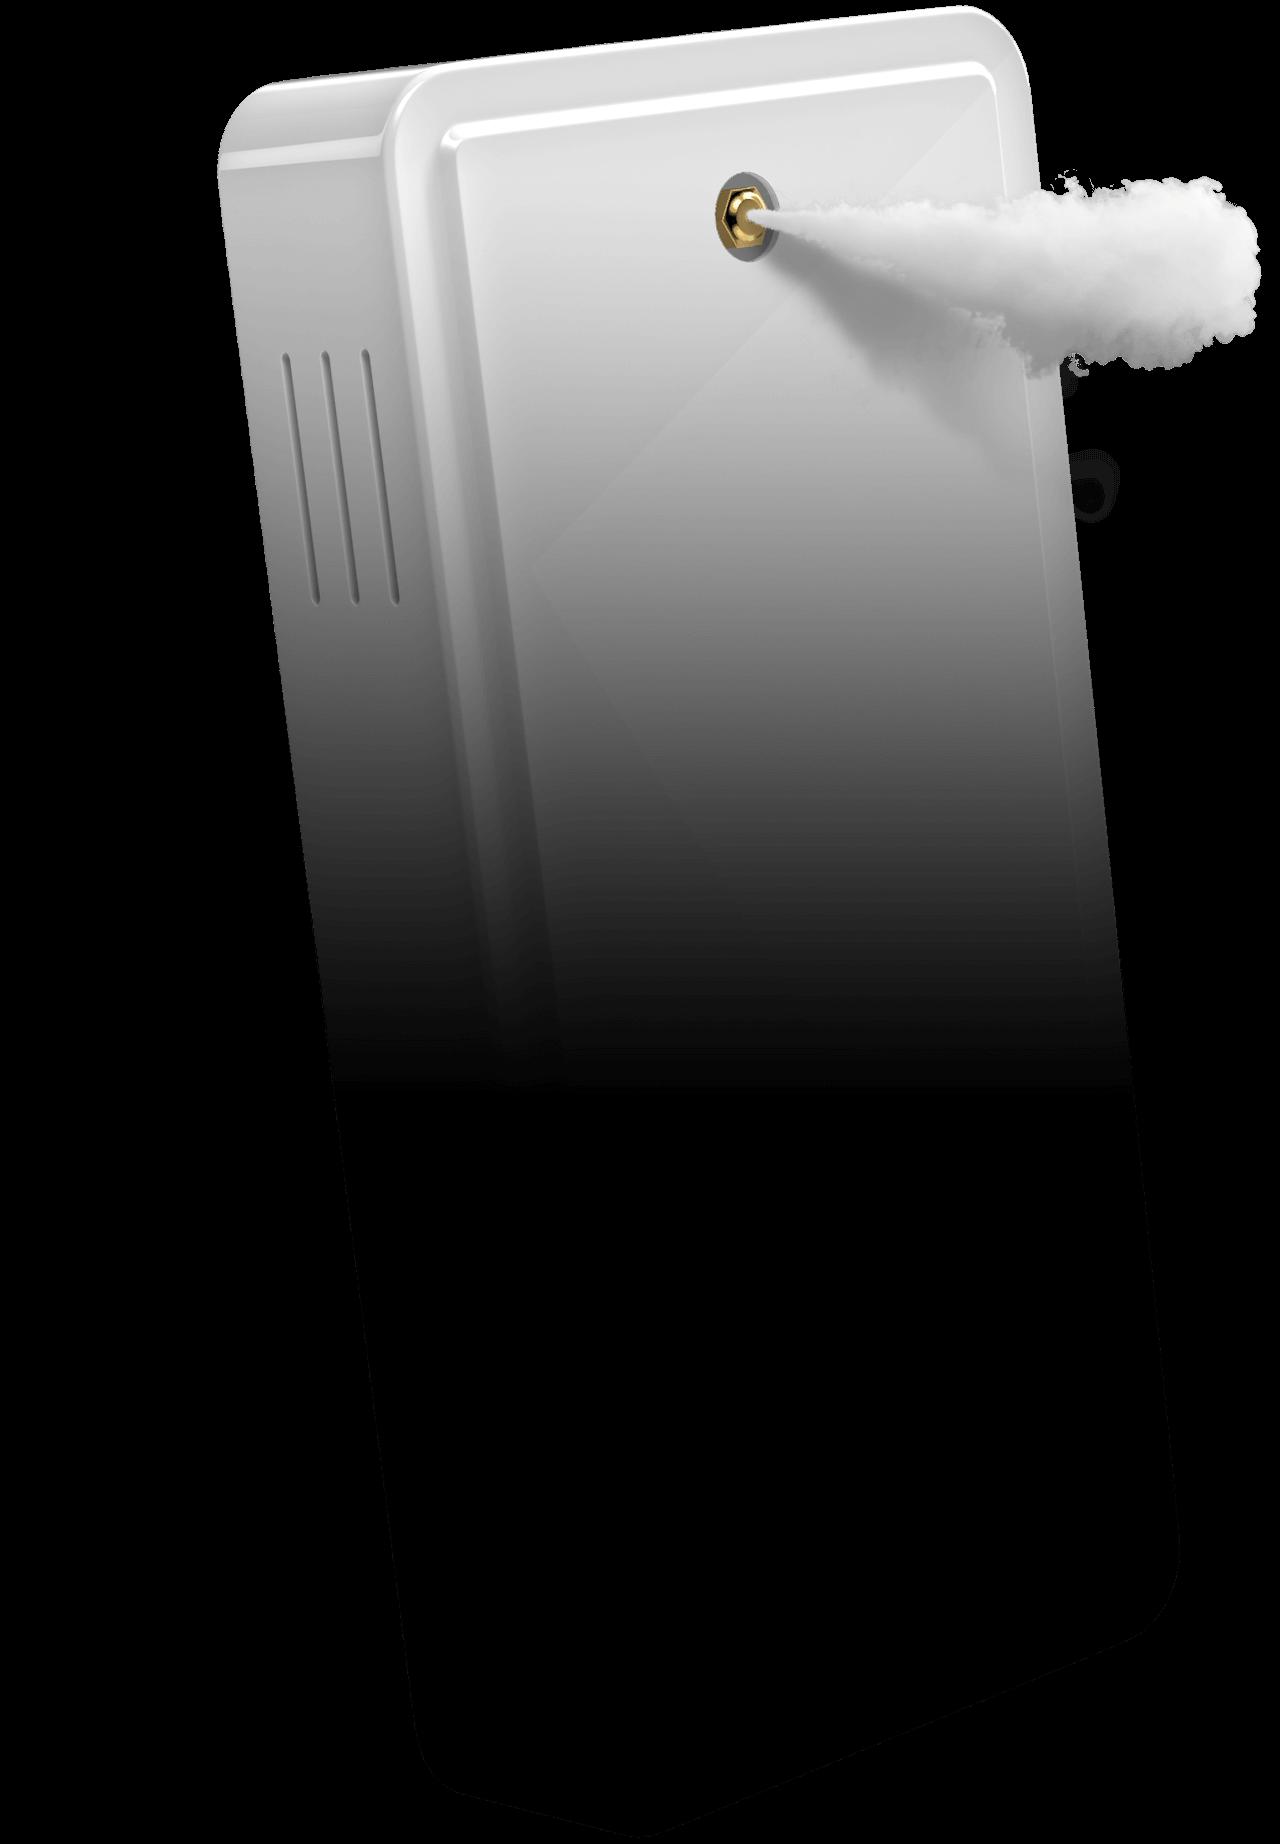 Nebbiogeno Aura